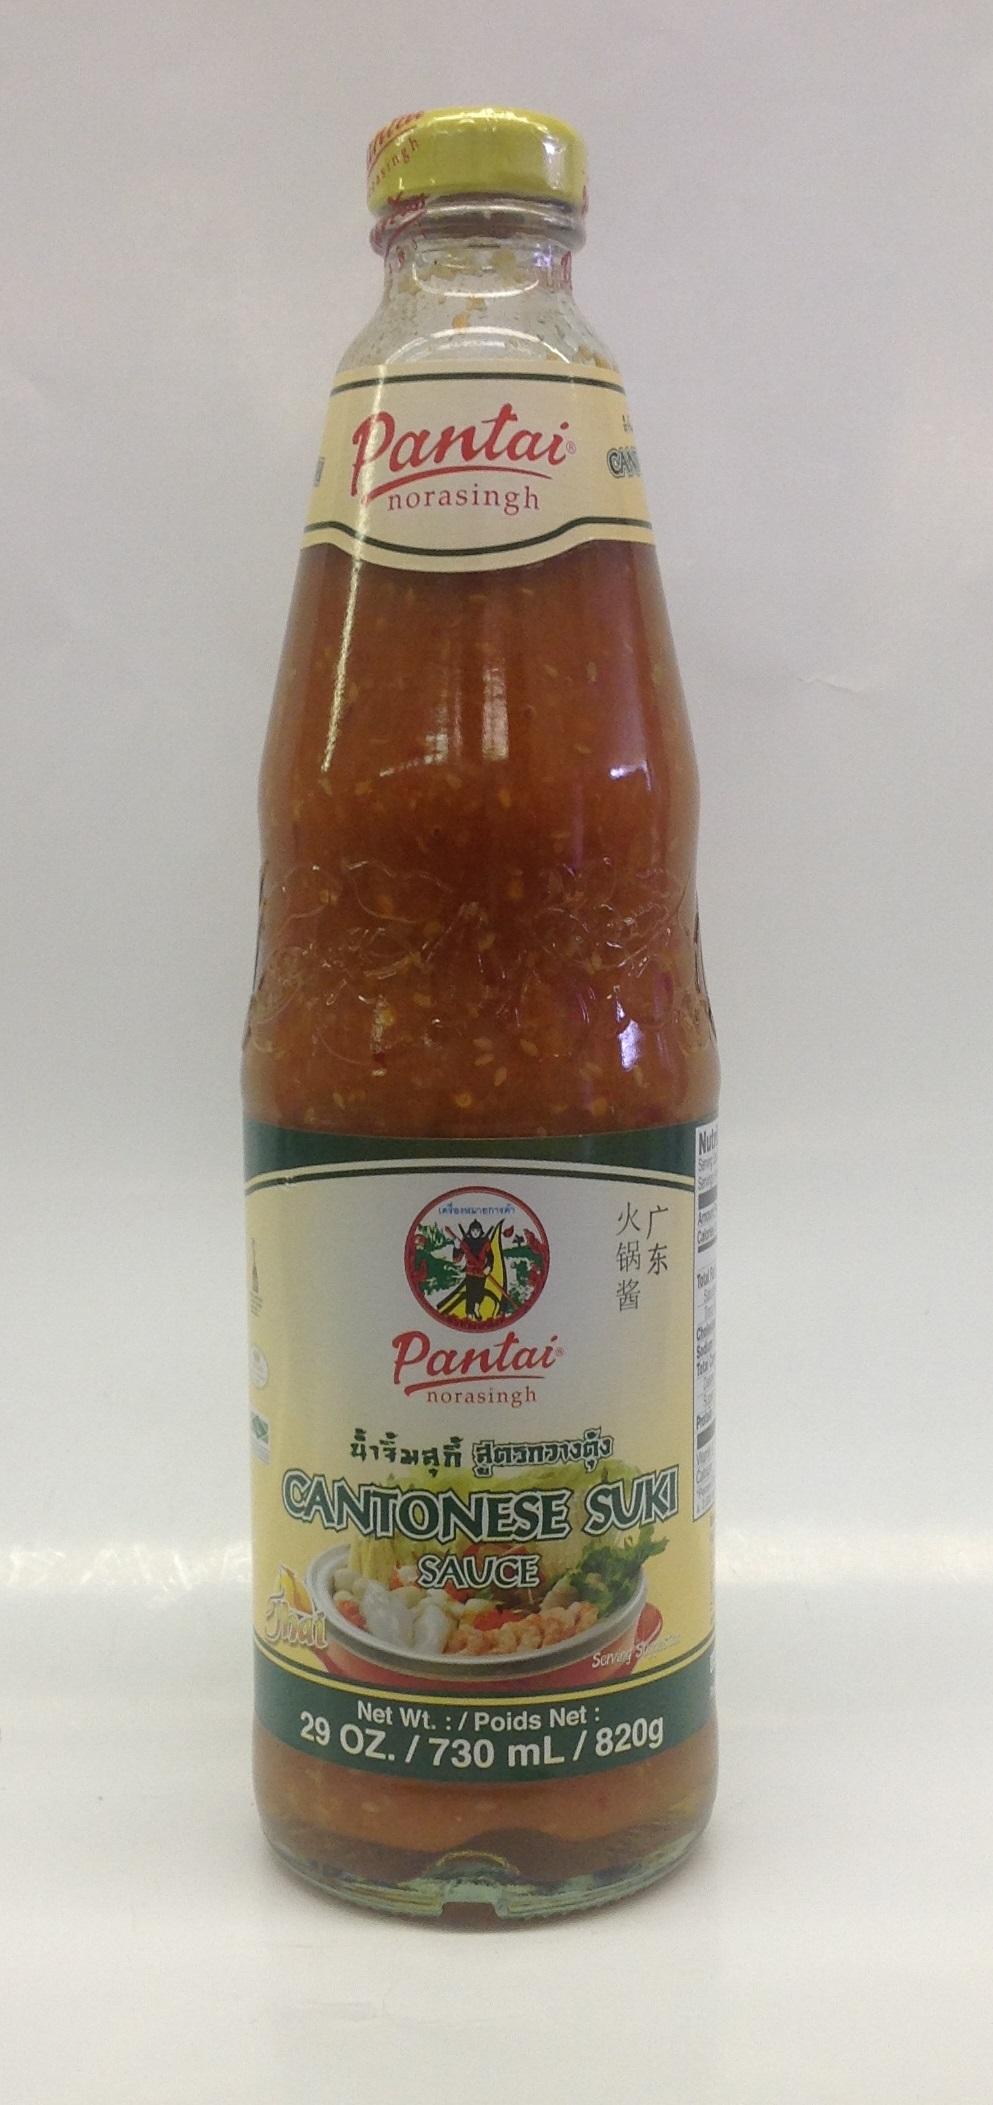 Sukiyaki Sauce (Cantonese)   Pantai   SA17182 12x29 oz